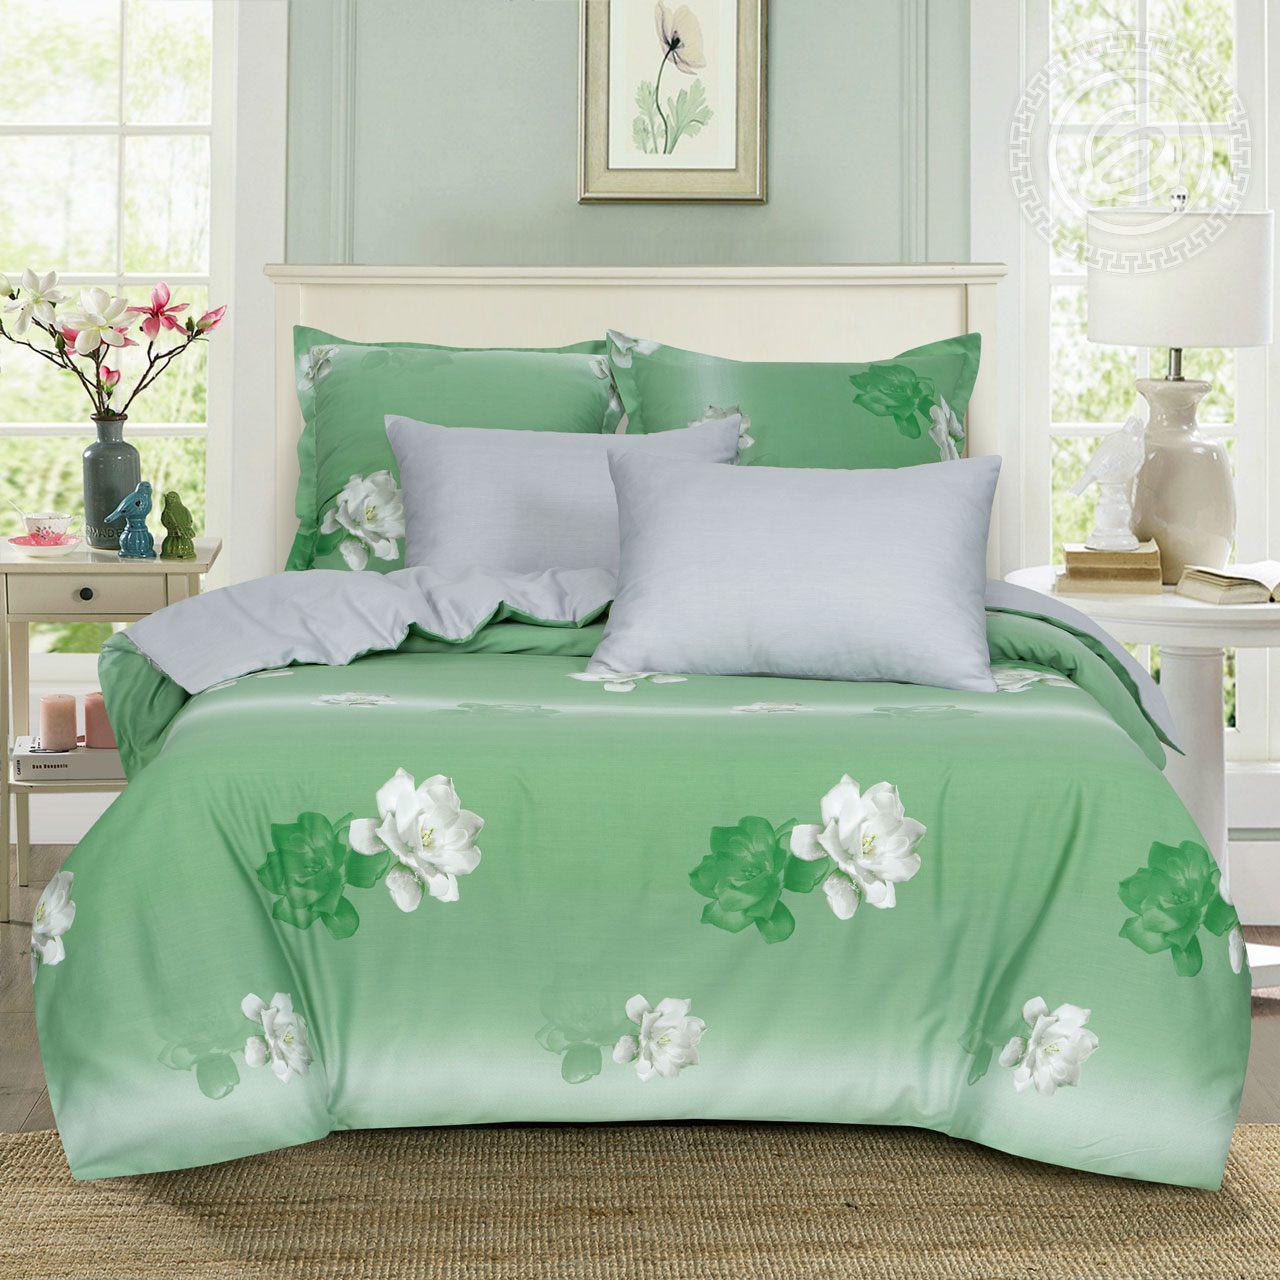 Постельное белье Исида 3D (сатин) (1,5 спальный) постельное белье diva afrodita premium 3d pr 027 двуспальное